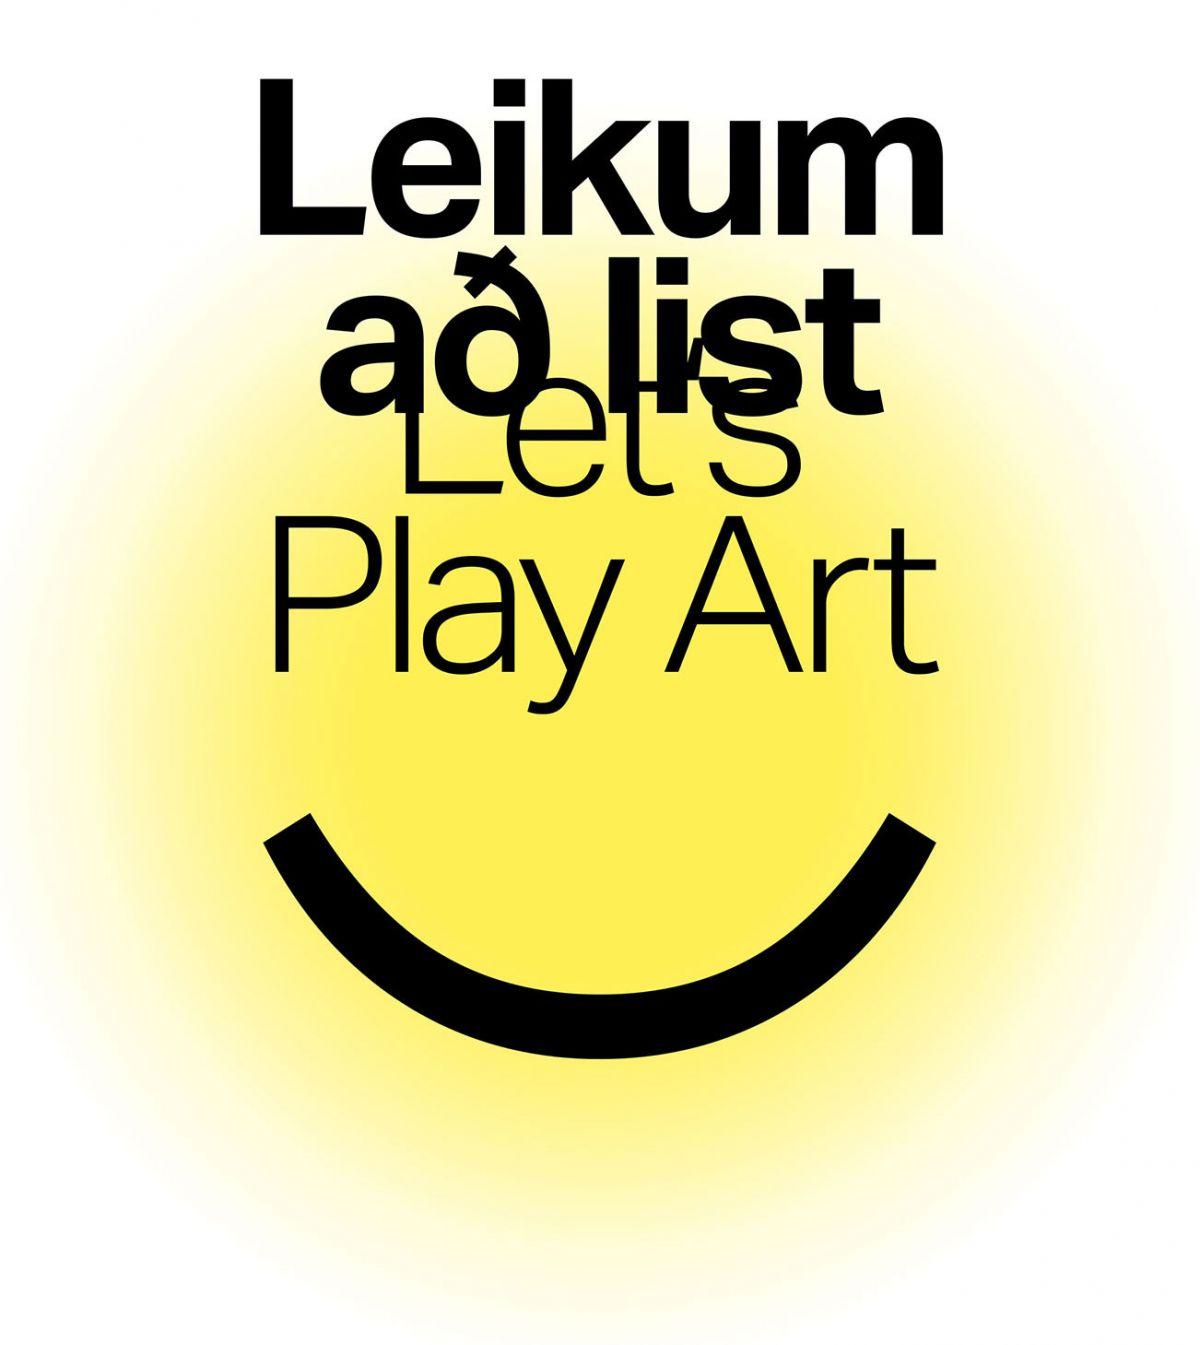 Let's Play Art: Gilbert & George family program